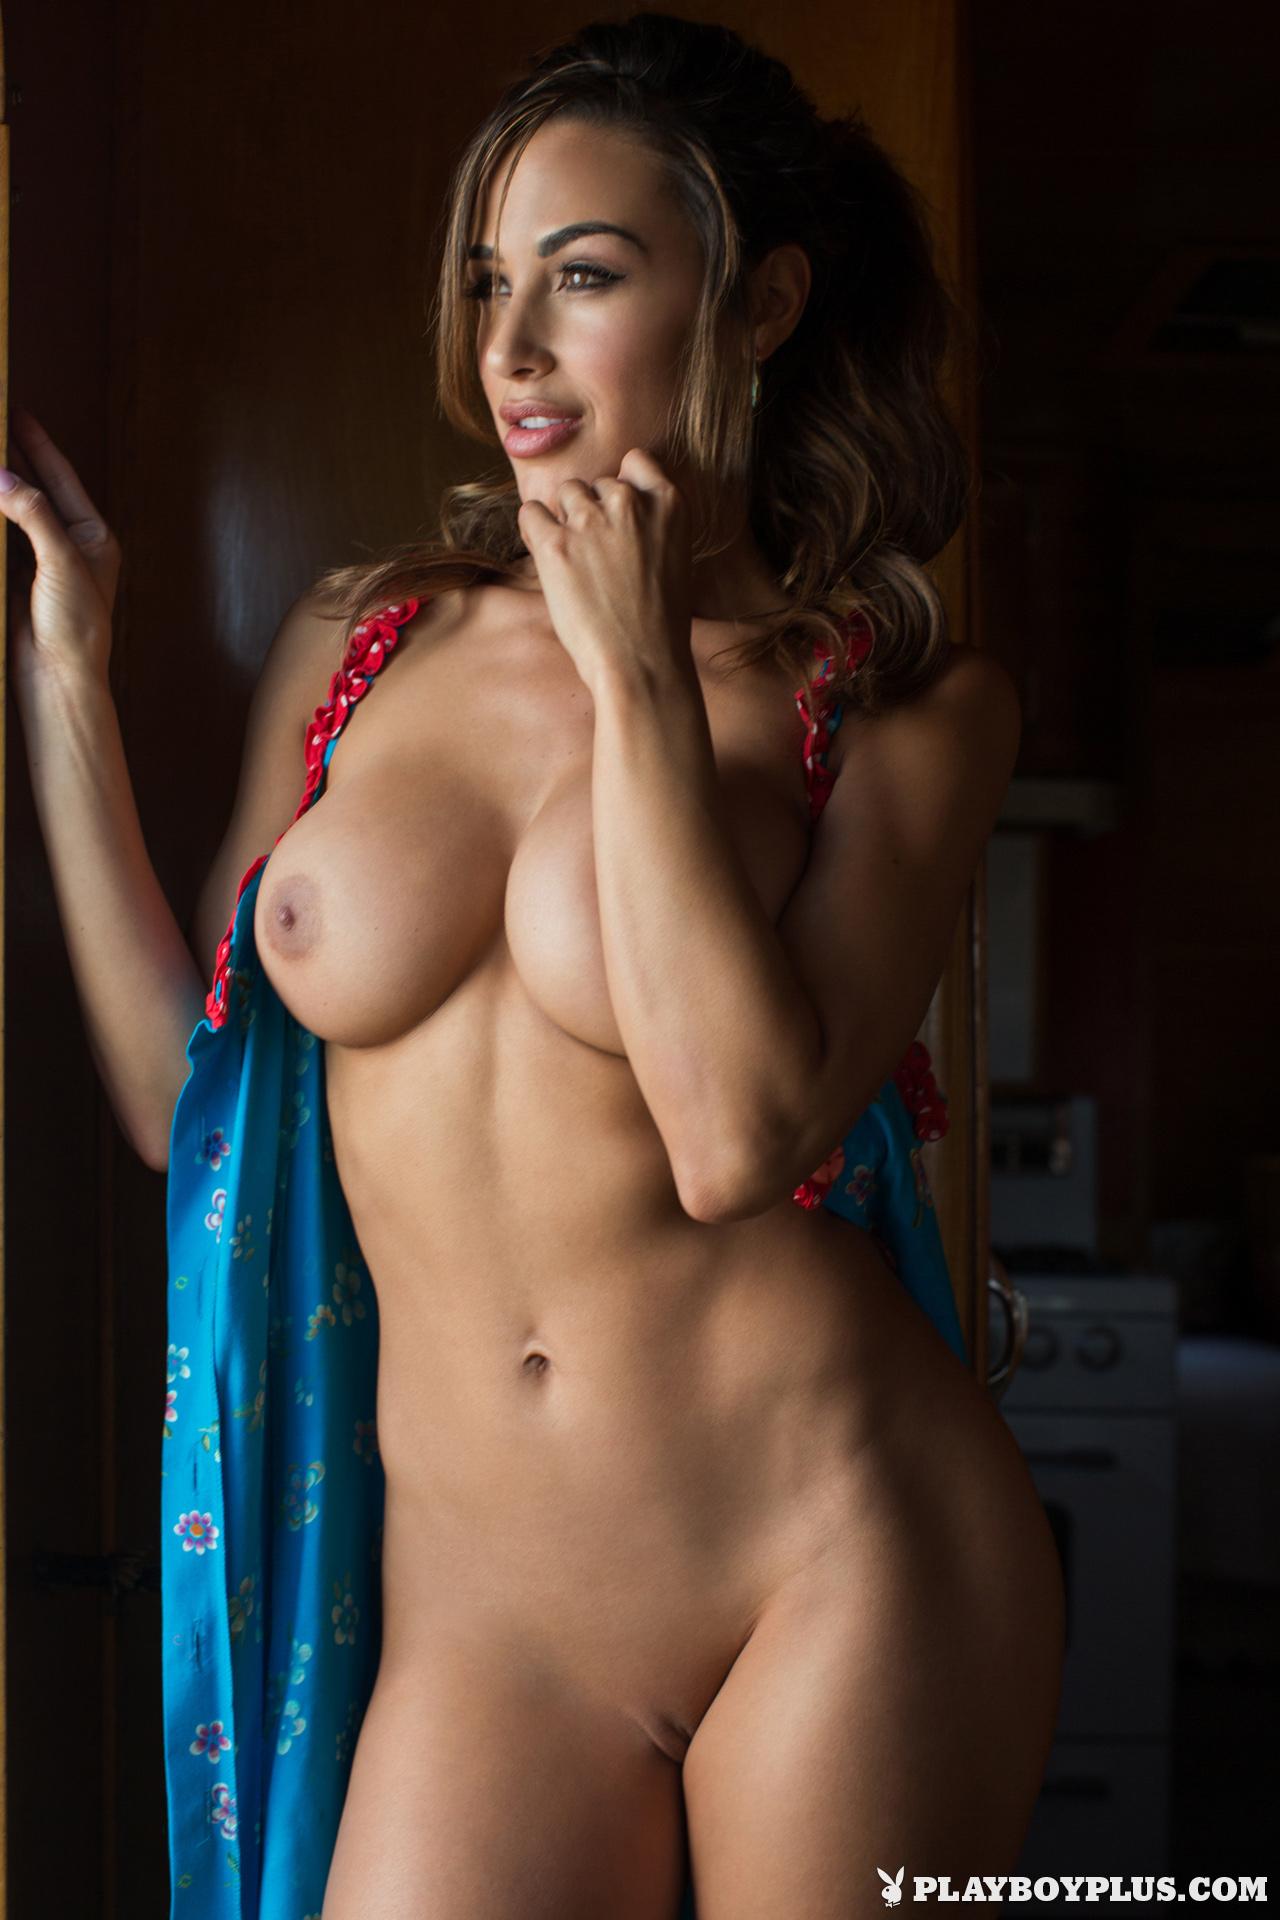 Ana Cheri Nudes ana cheri mobile home trailer nude playboy 08 redbust